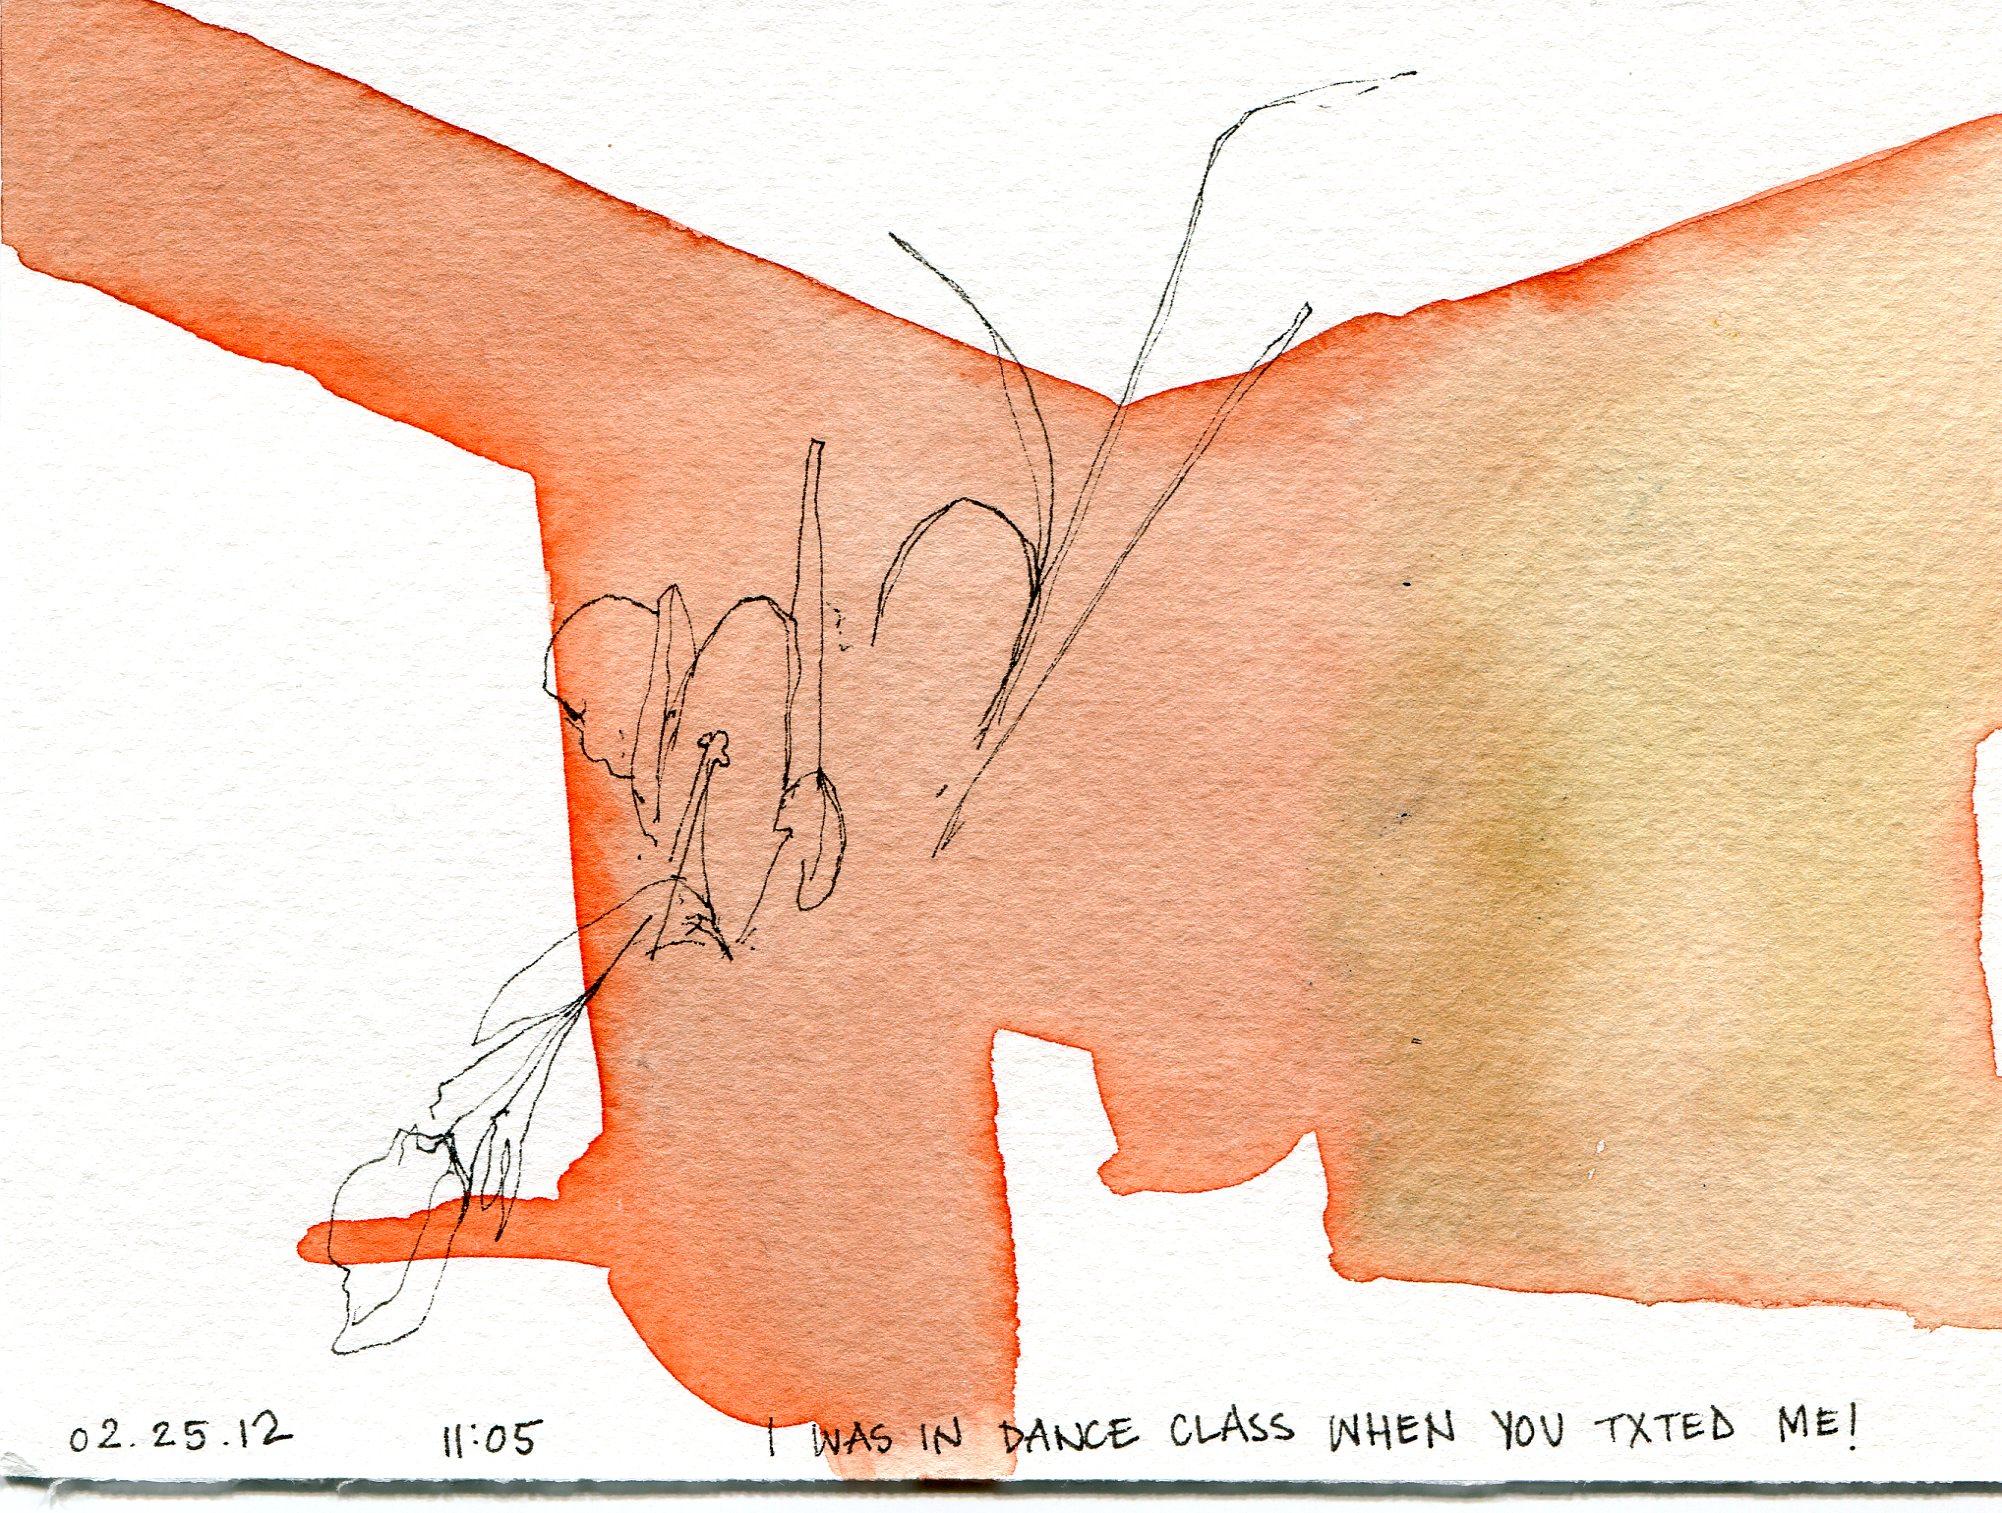 2012-02-25 drawings008.jpg